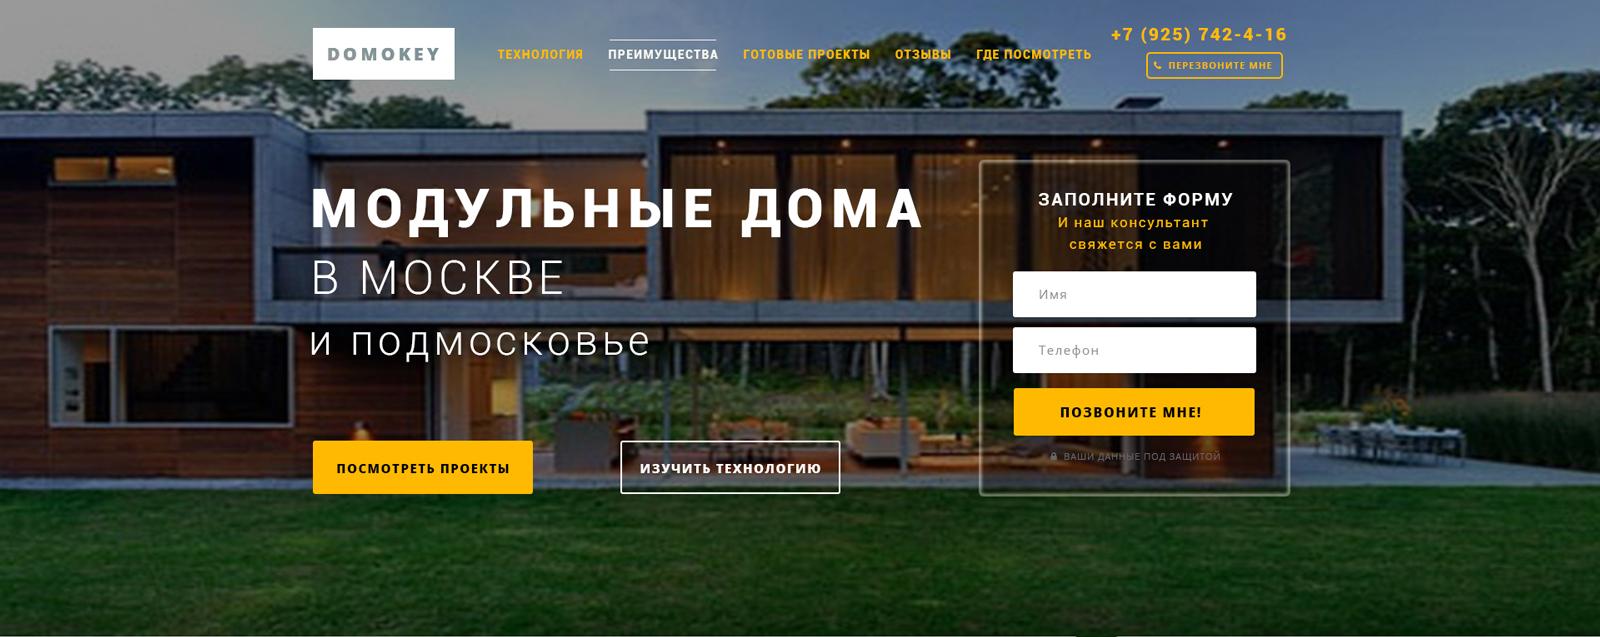 Landing Page строительство модульных домов